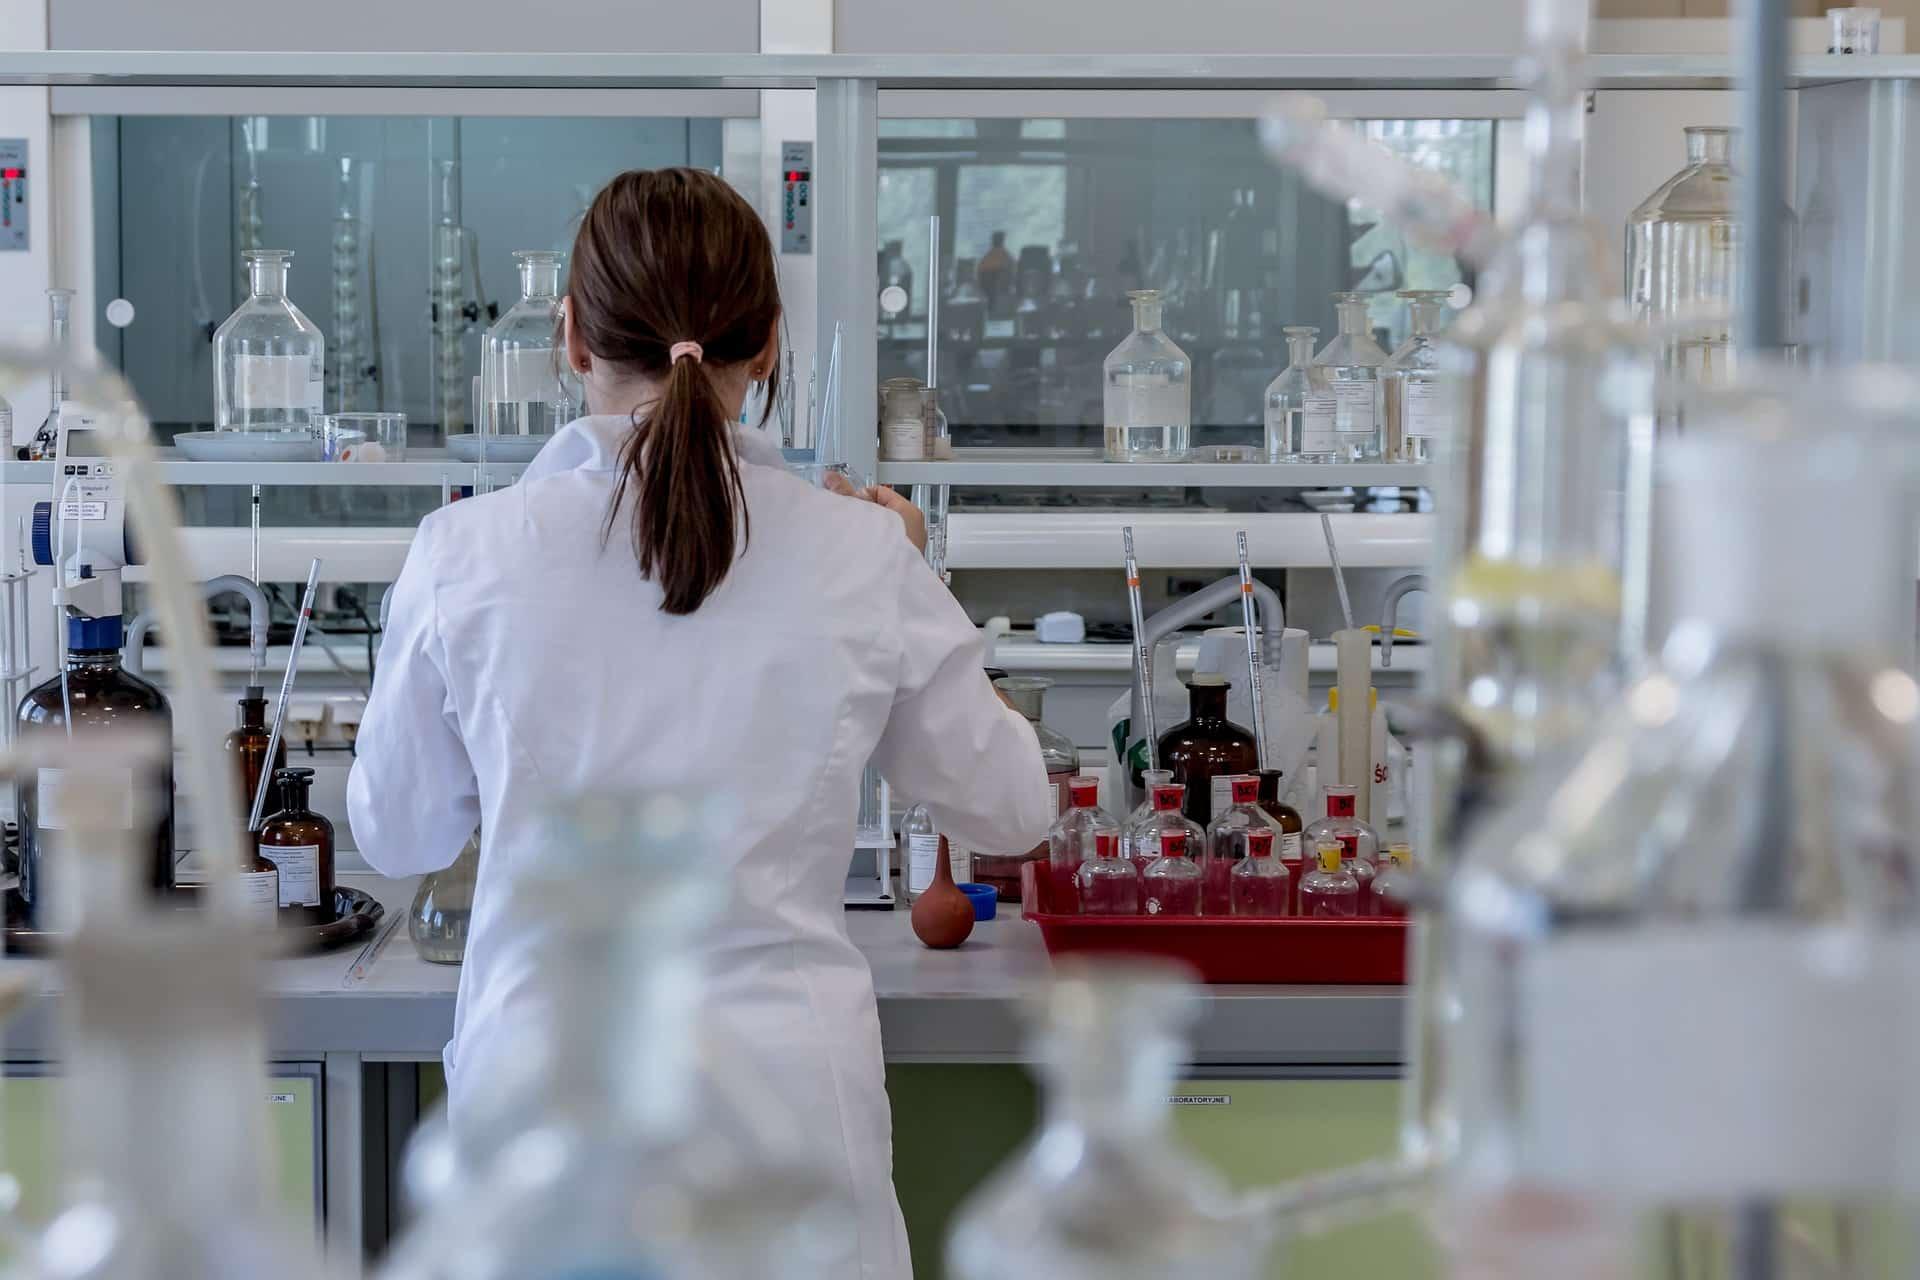 À la suite de cas confirmés de coronavirus au Québec, nous souhaitons rassurer les membres des Cercles de Fermières du Québec.